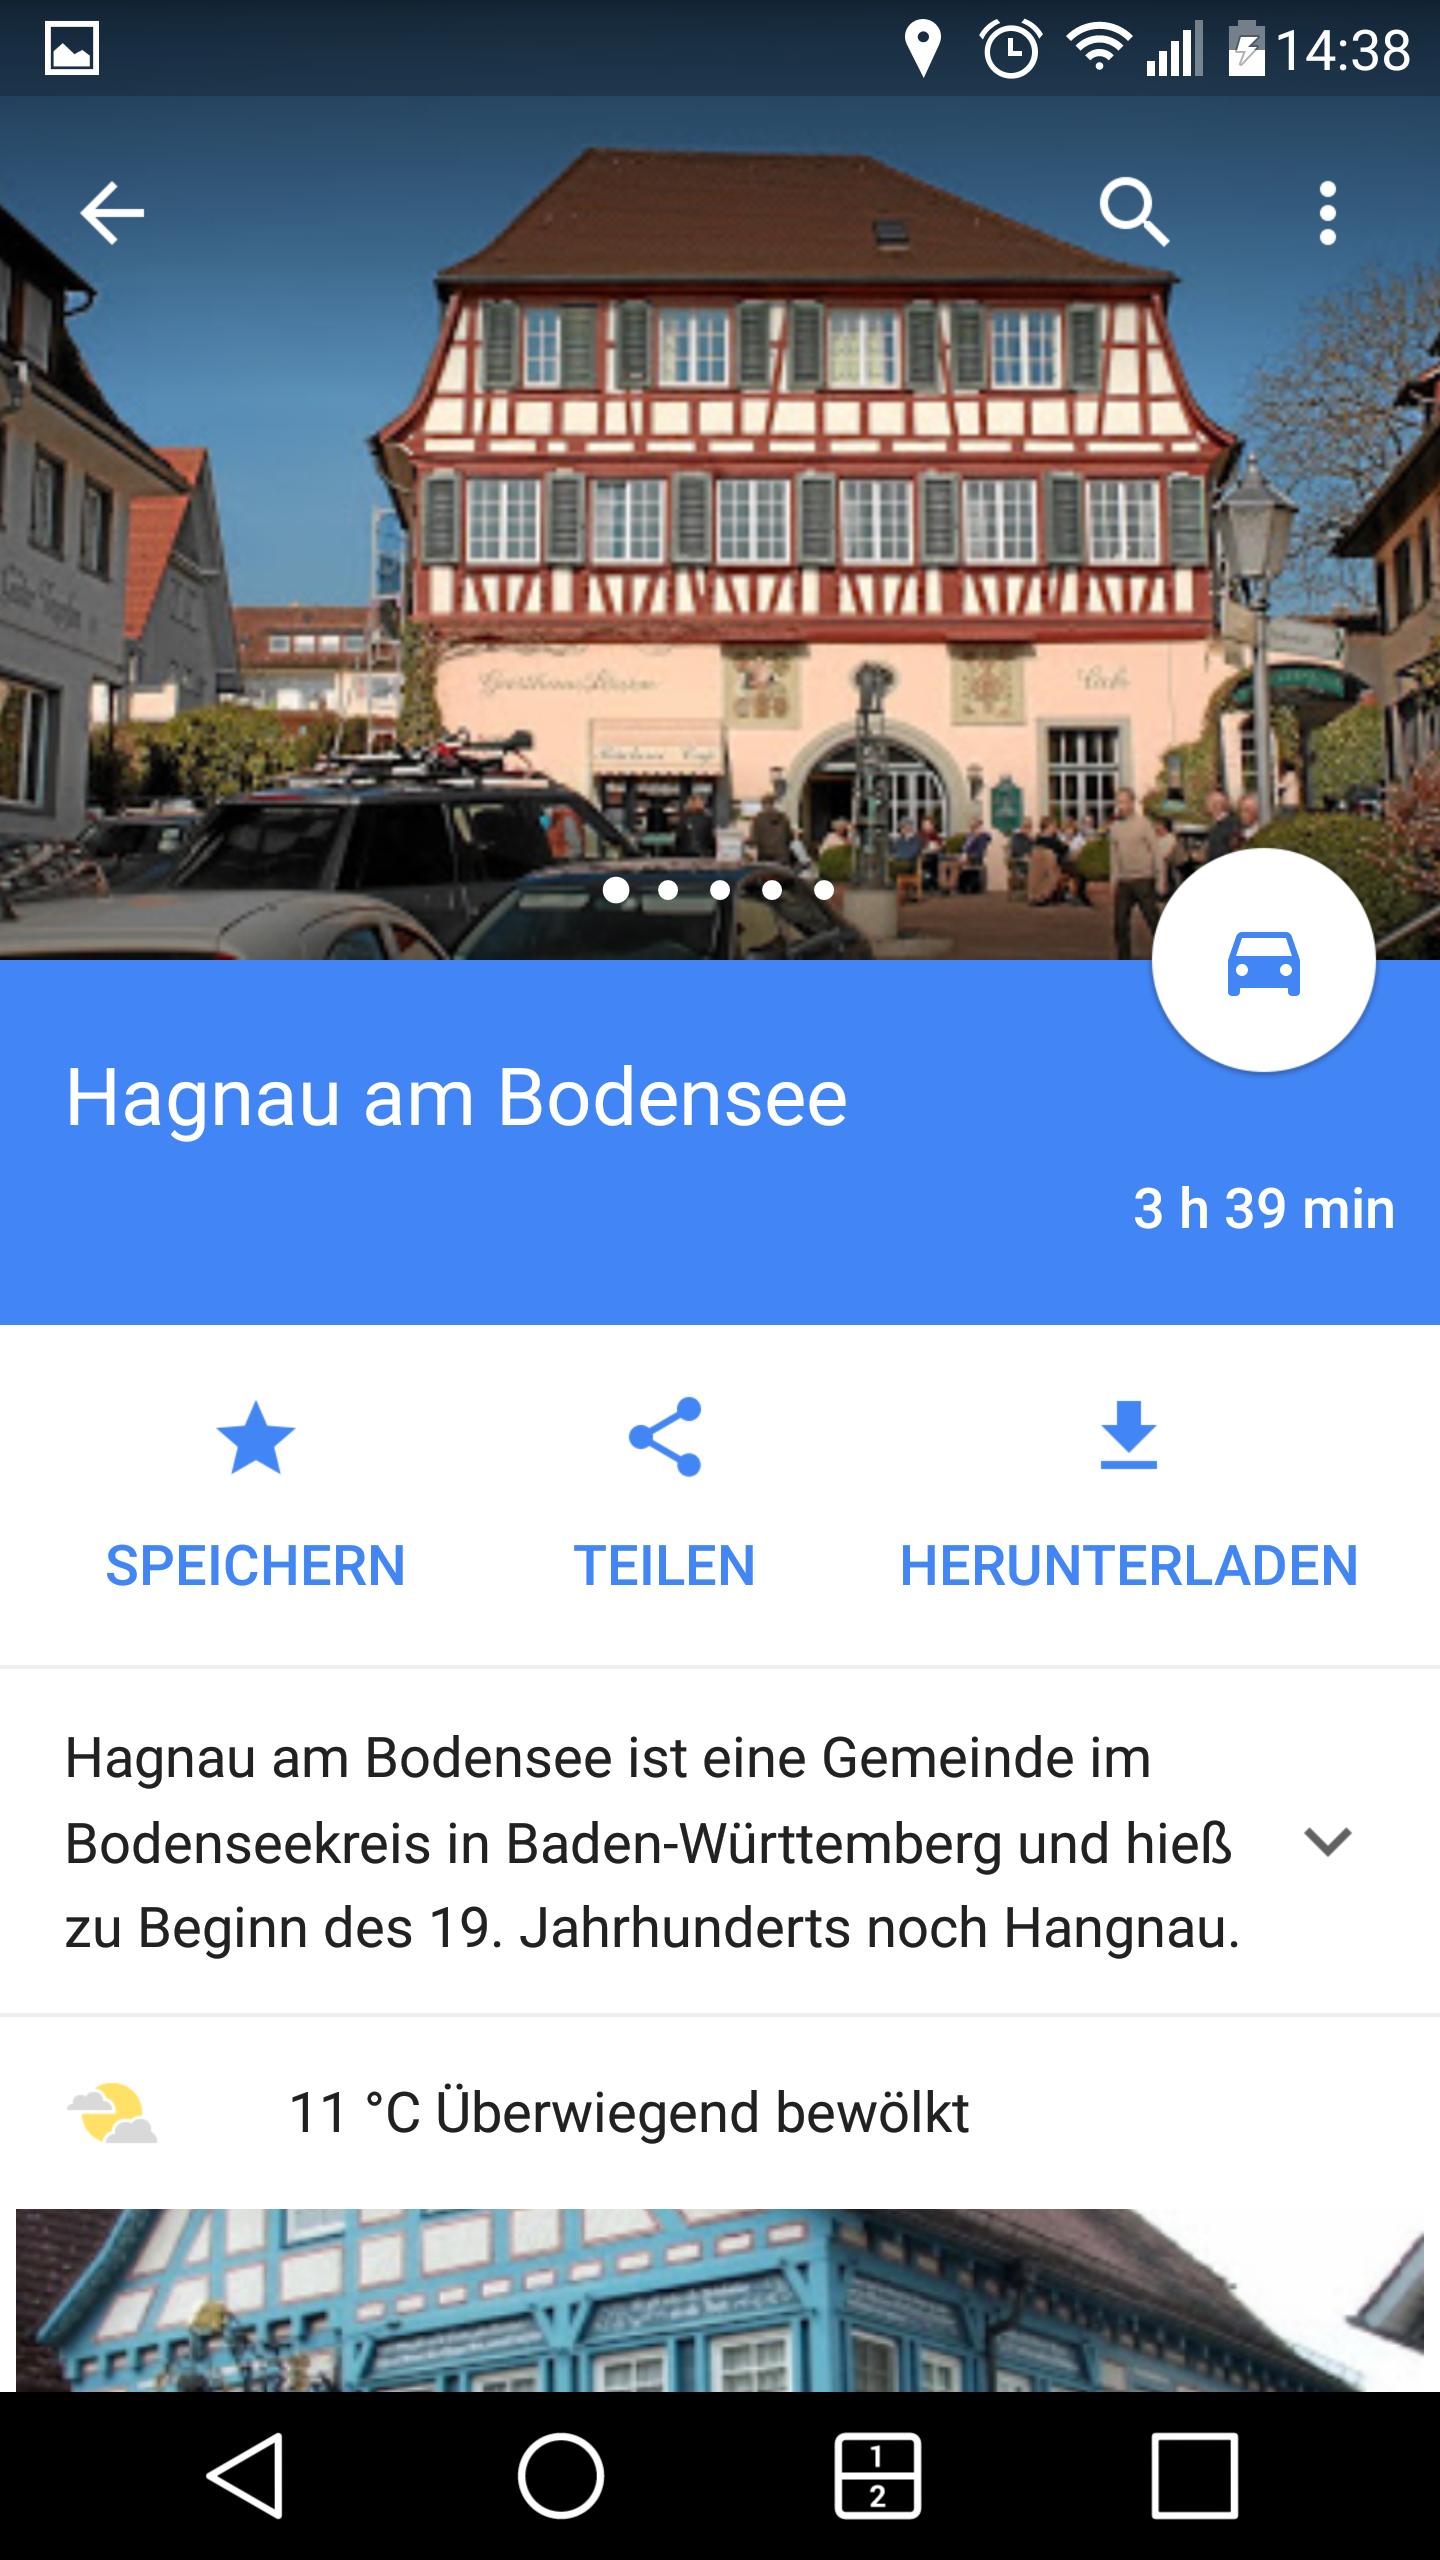 Google maps karte herunterladen